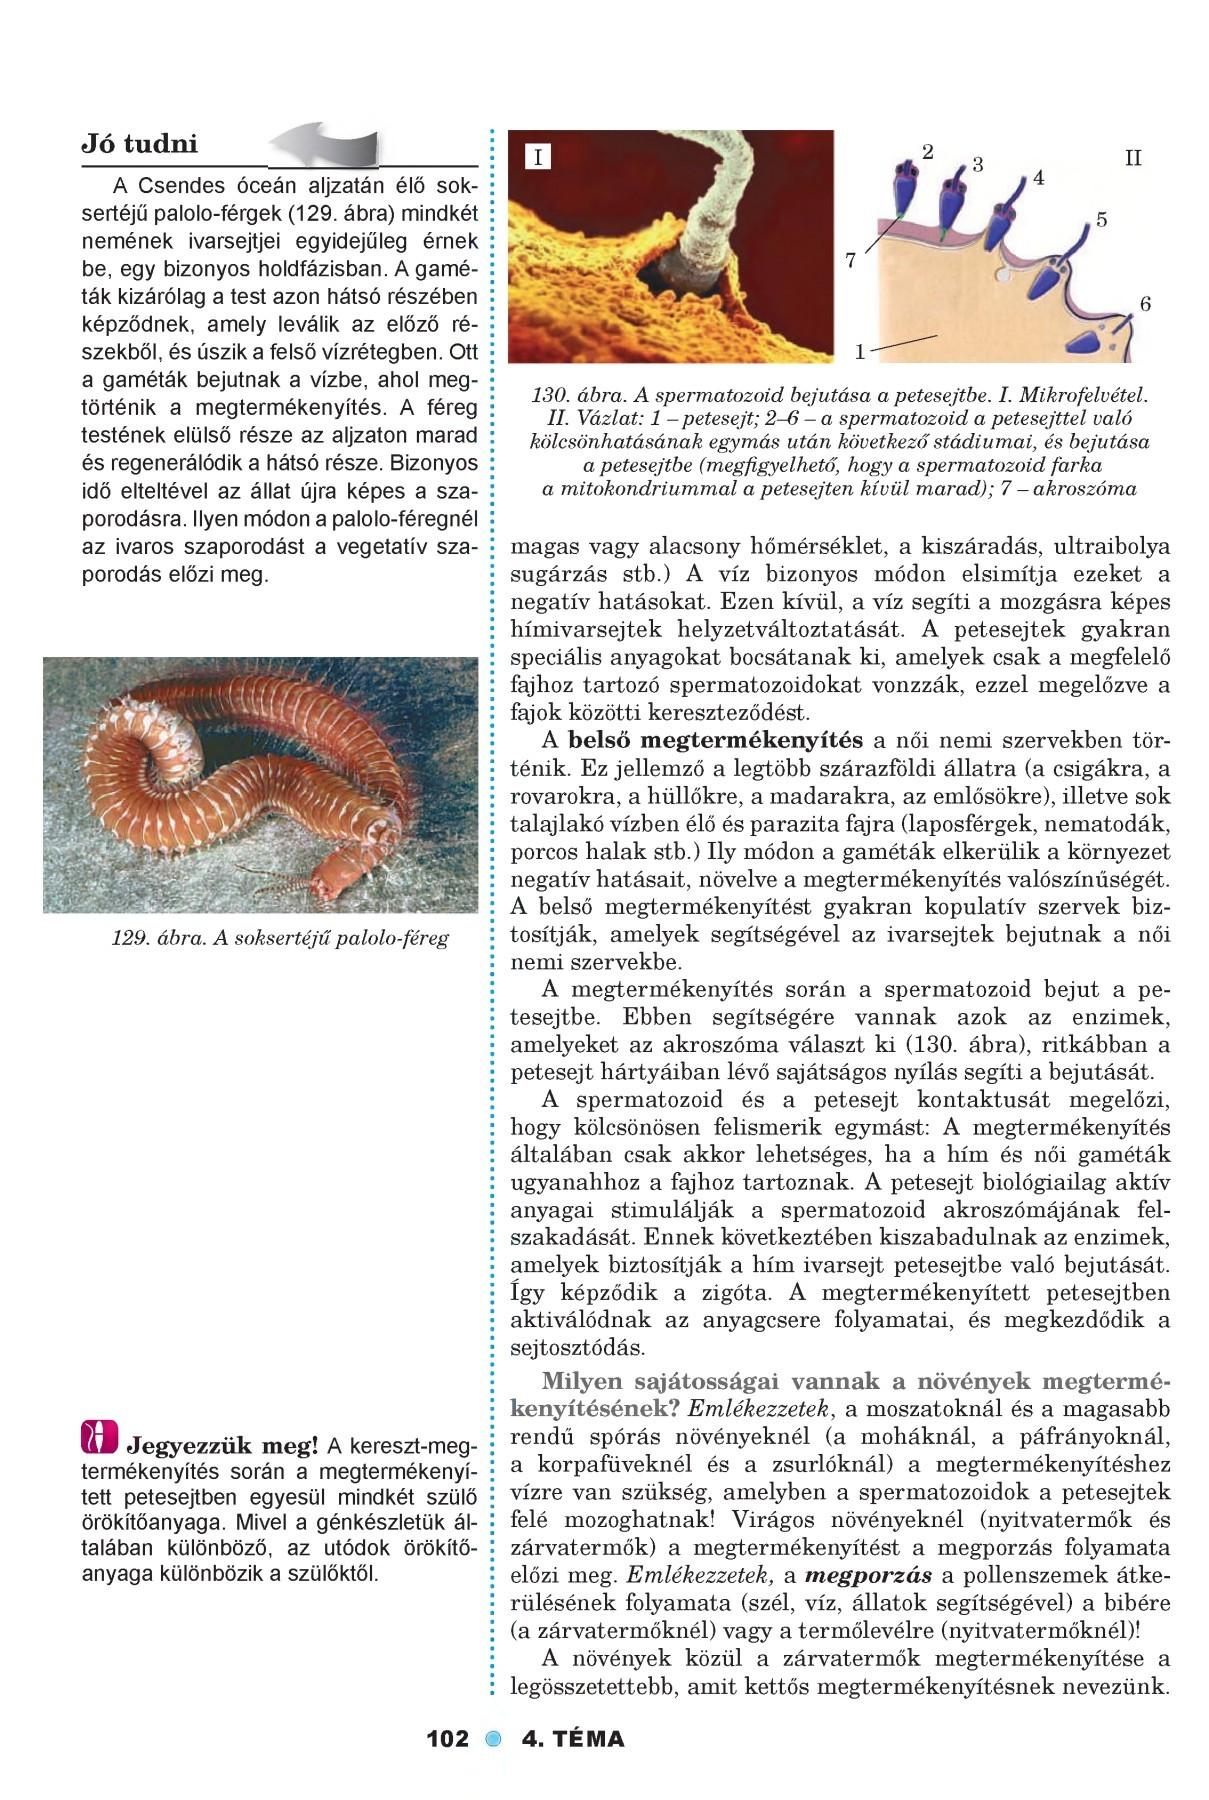 férgek fajai az emberek kromoszómáiban)